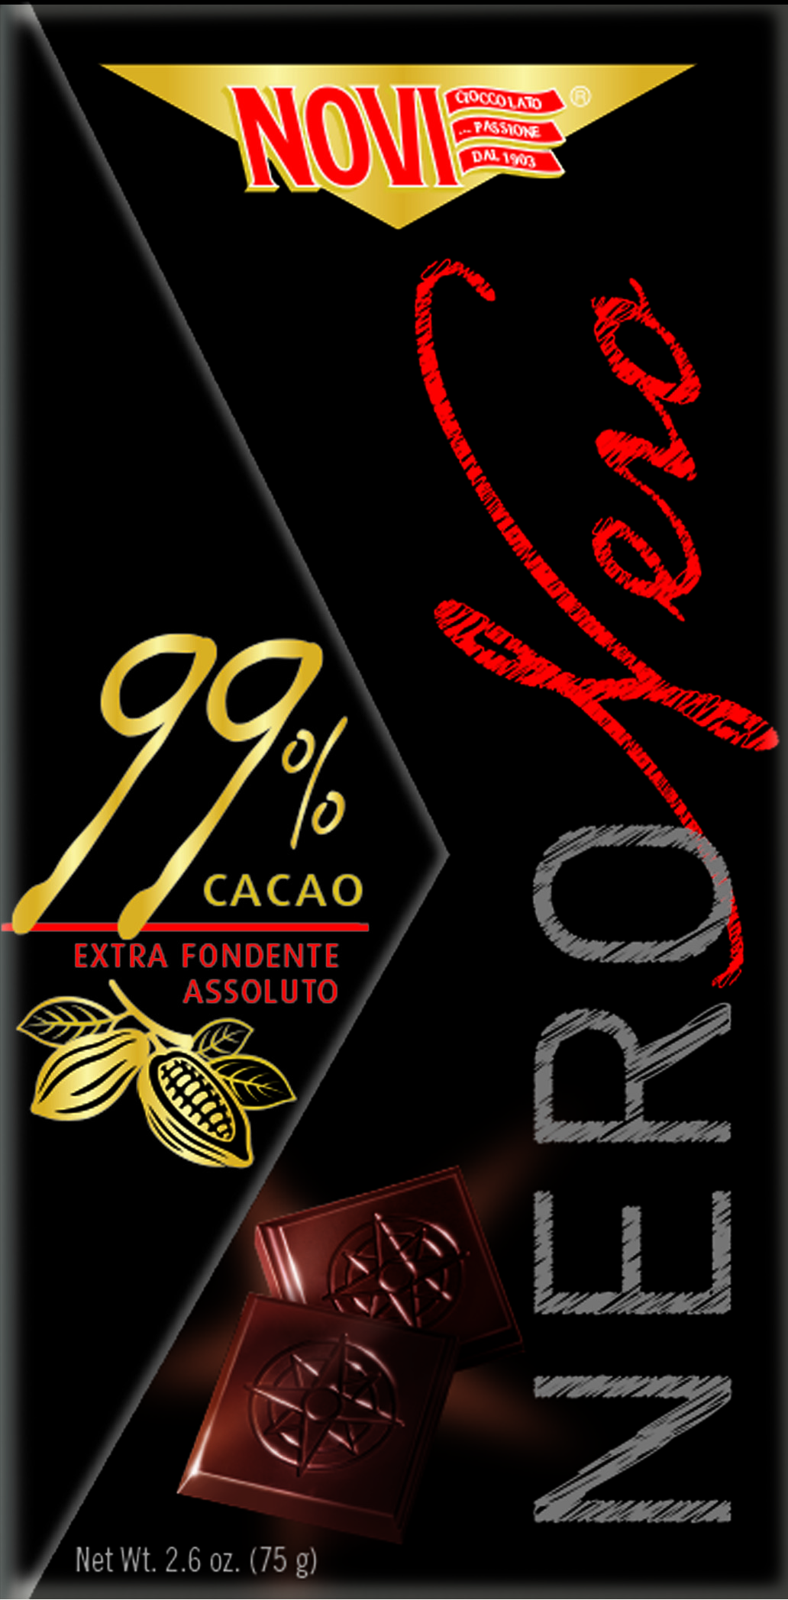 NeroNero 99%